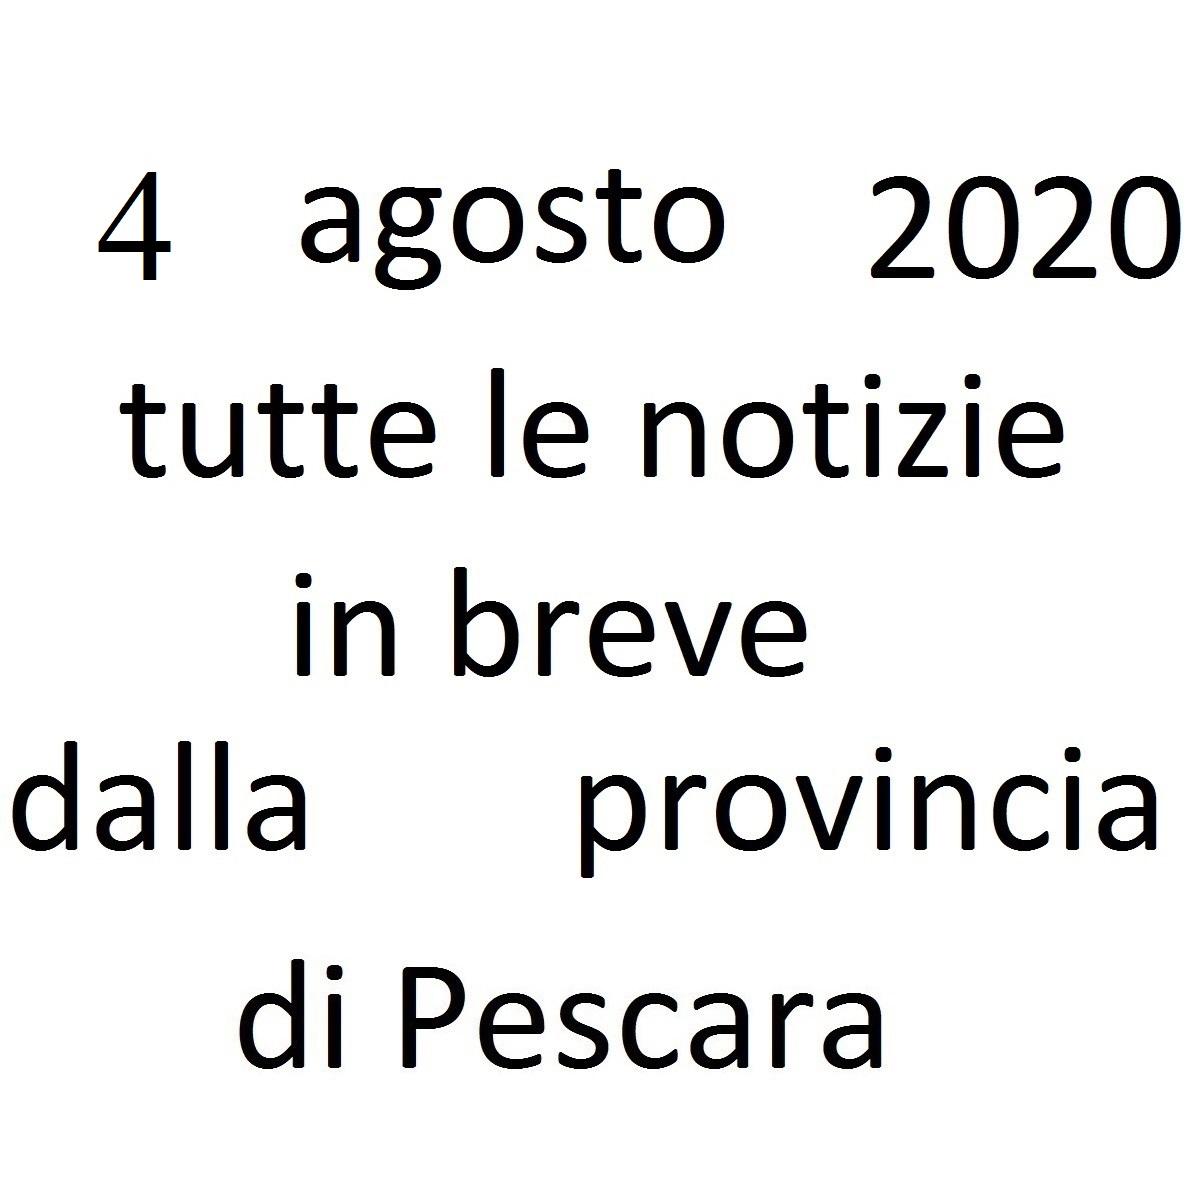 4 agosto 2020 notizie in breve dalla Provincia di Pescara foto